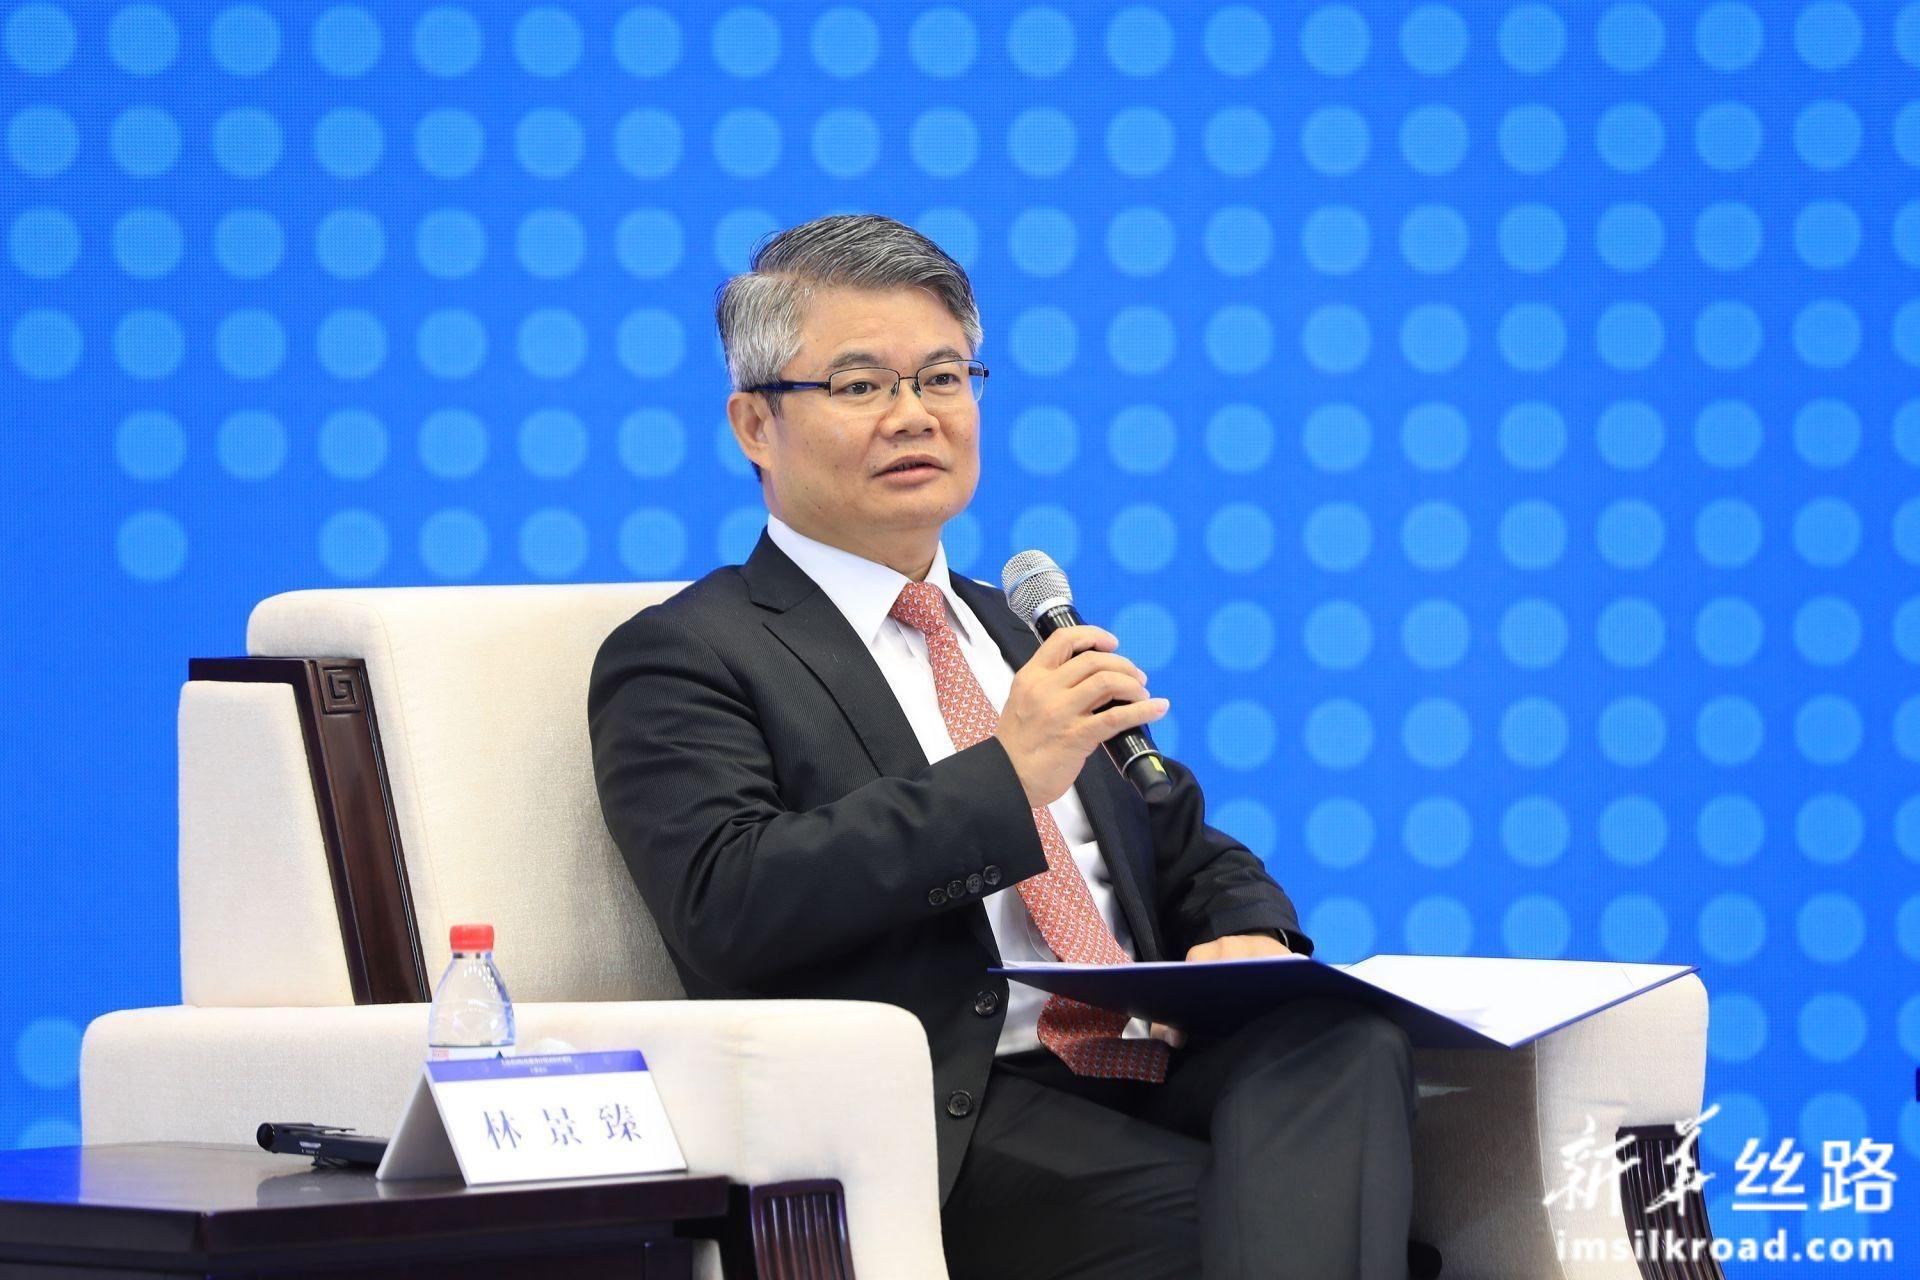 中国银行副行长 林景臻主持分论坛1:人民币国际化服务实体经济